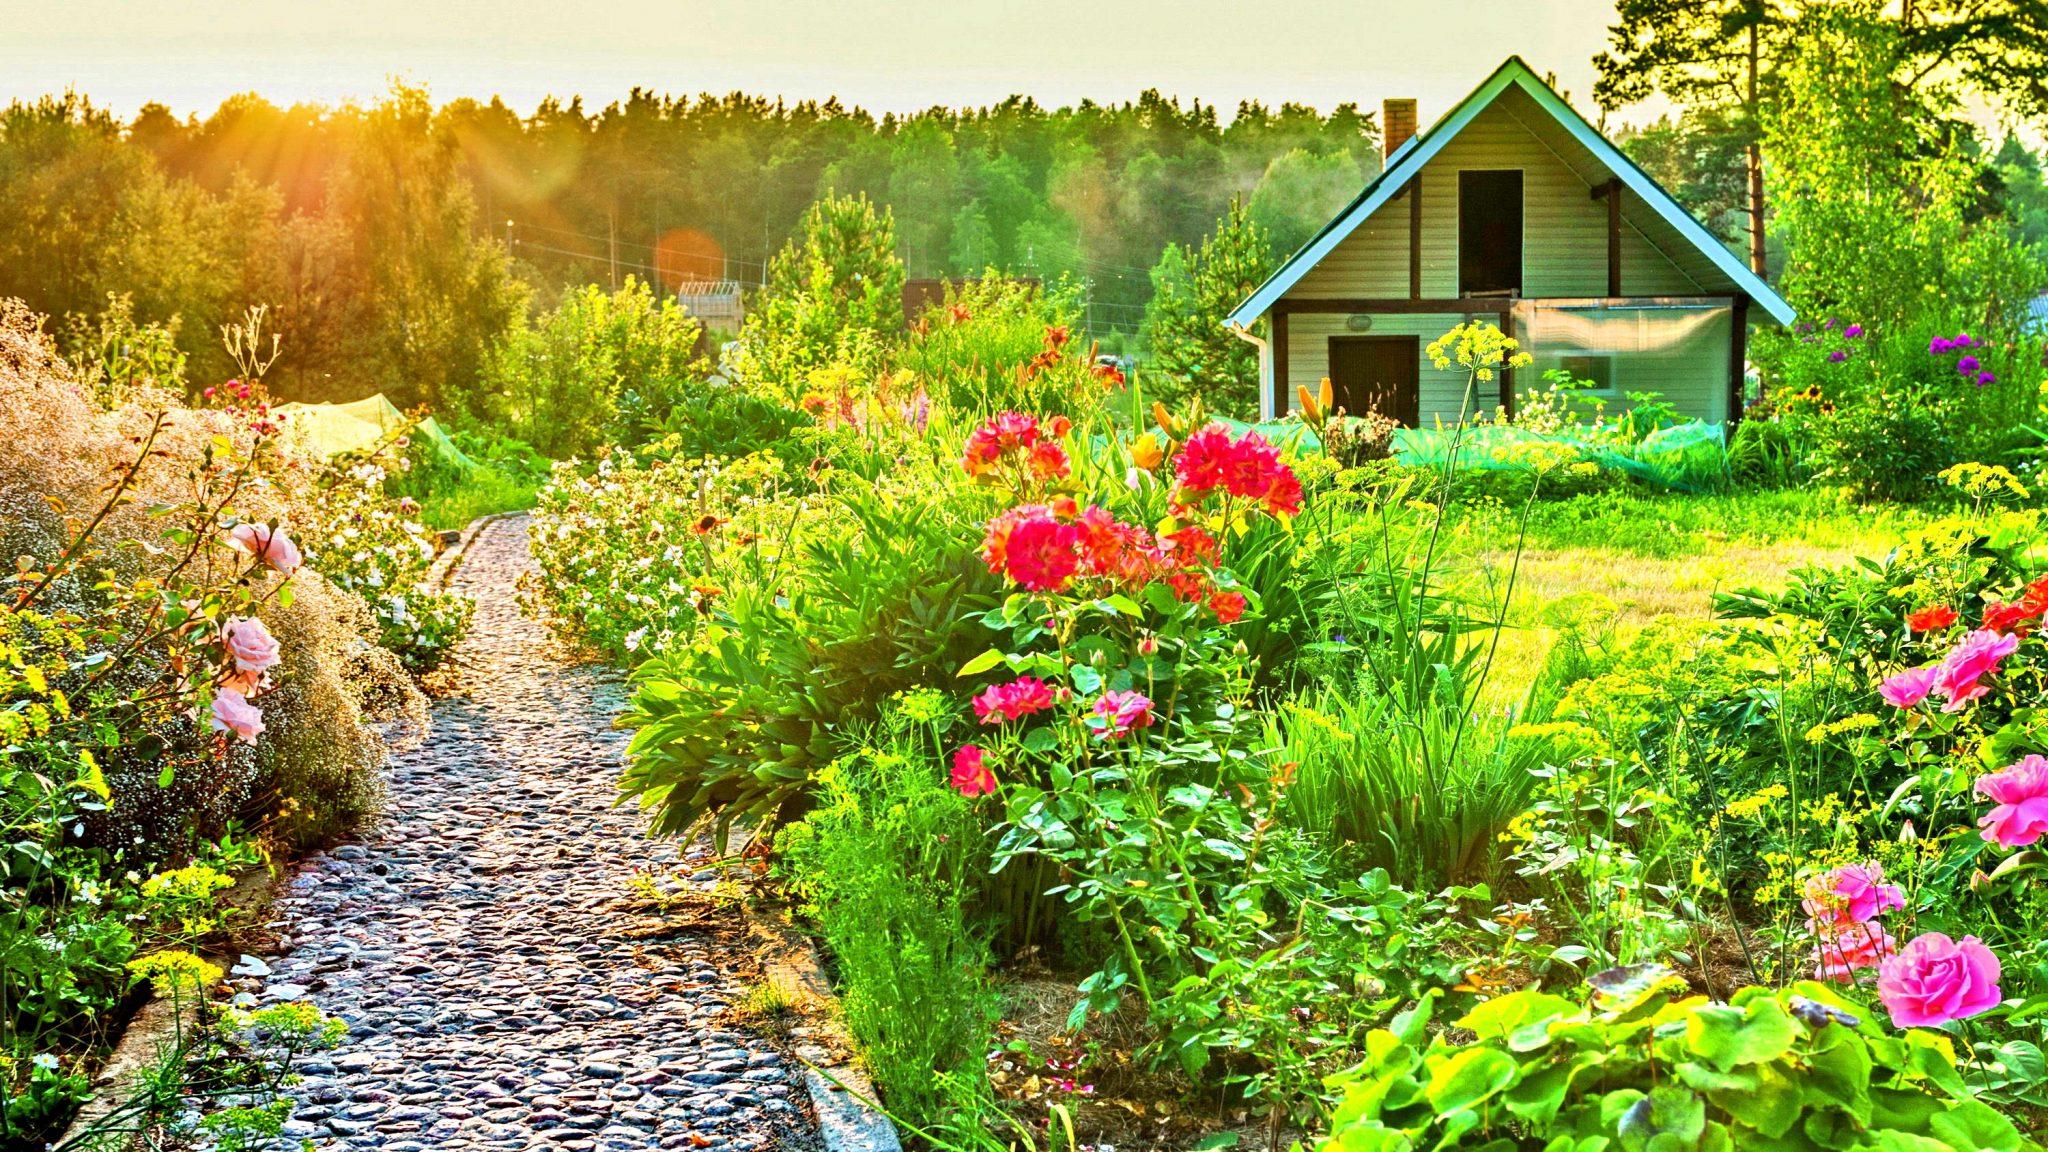 Госдумой был принят закон о прописке на садовых участках